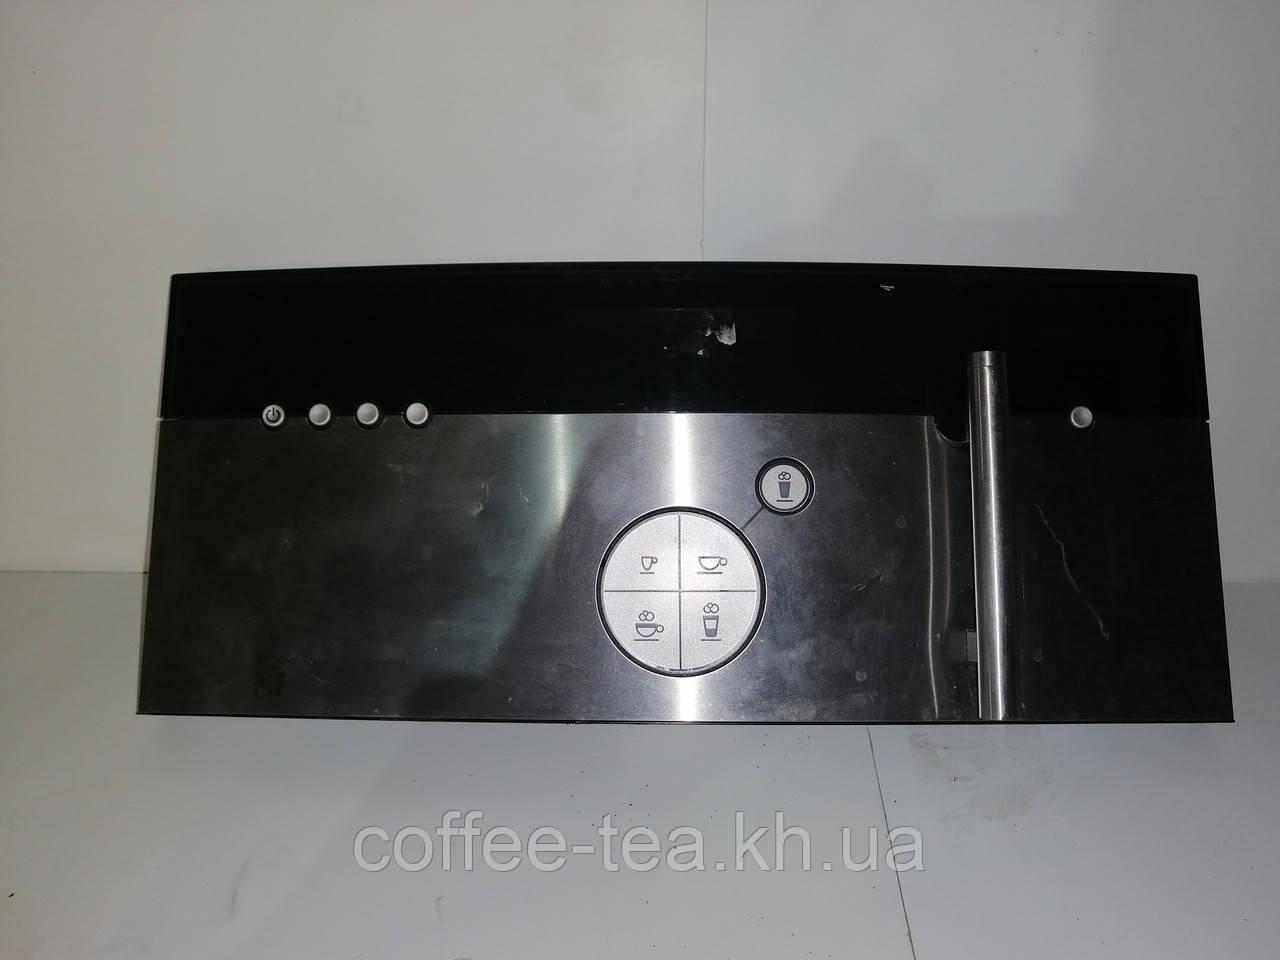 Панель управления  кофемашины  WMF 1000